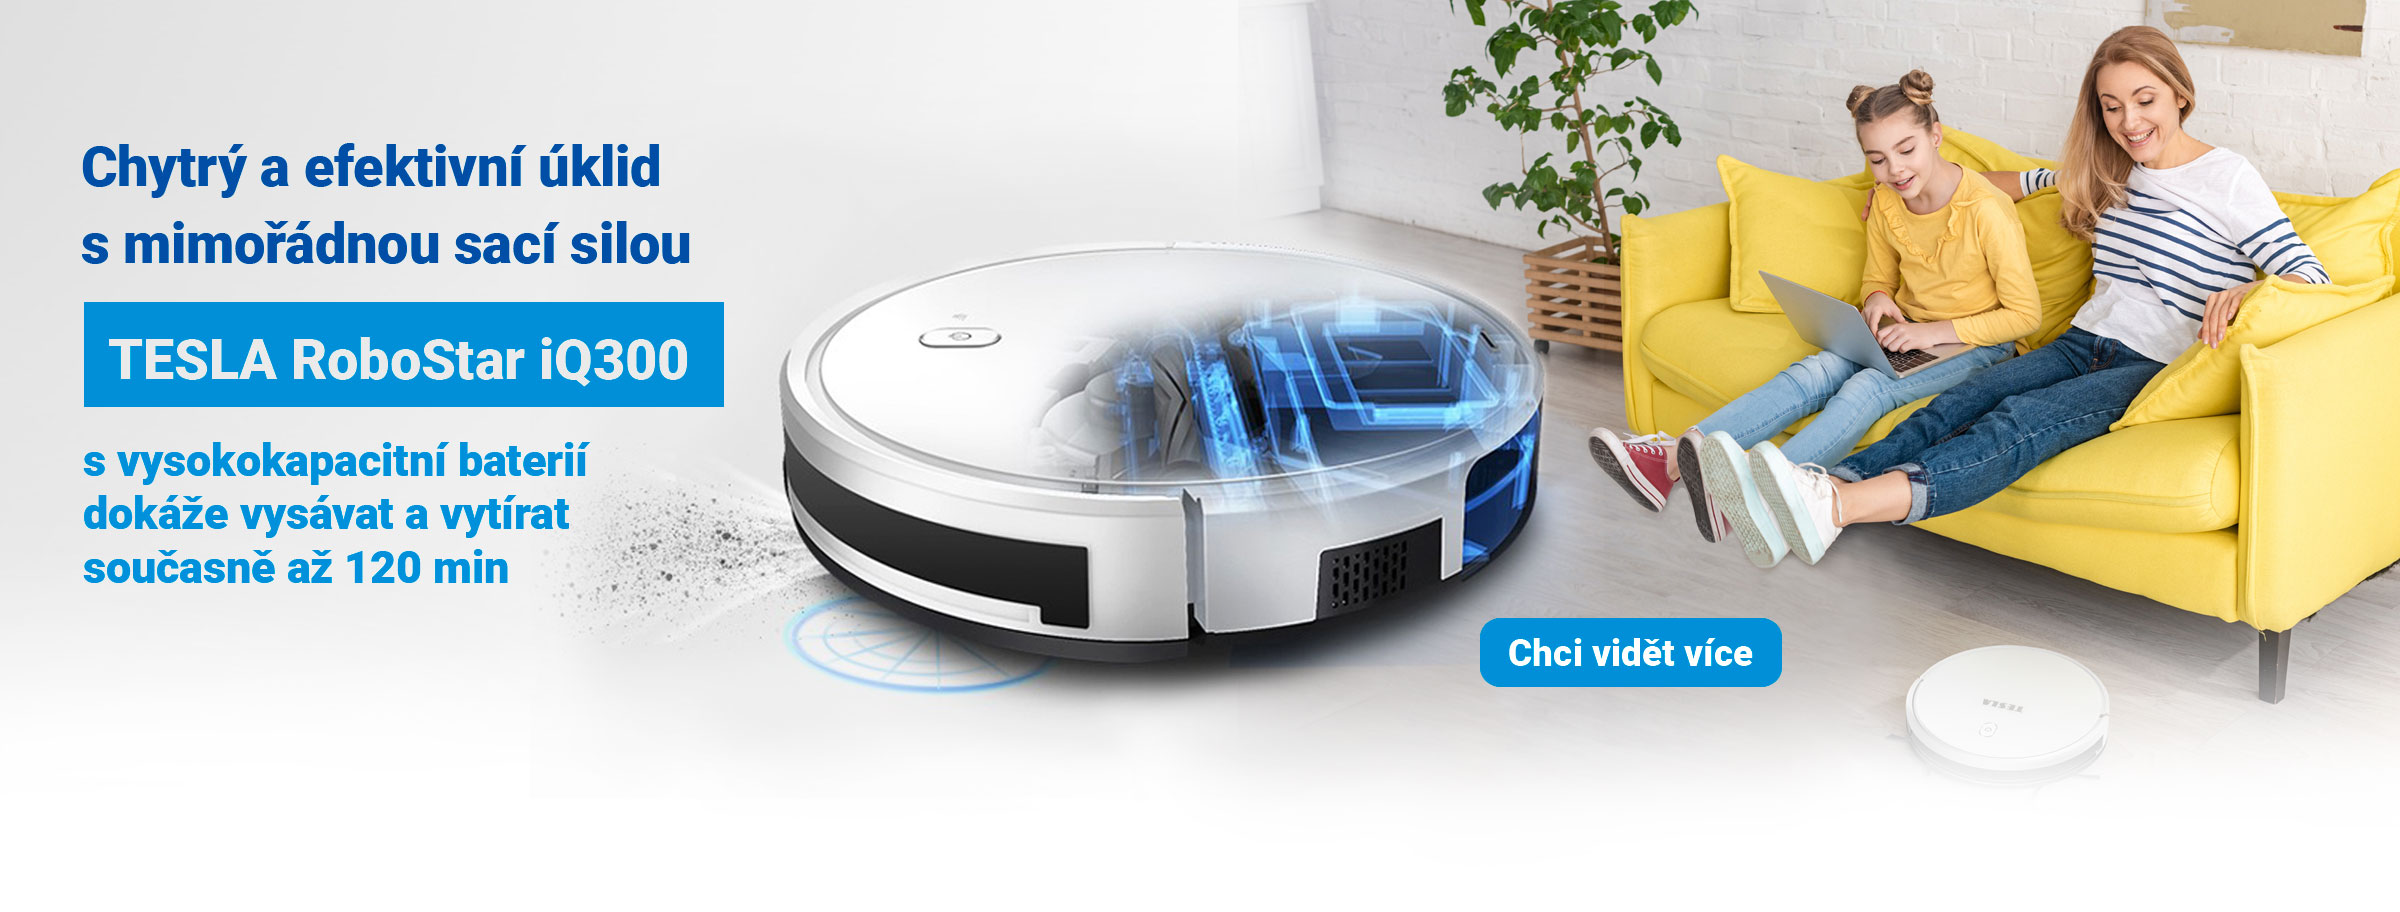 TESLA RoboStar iQ300 - inteligentní robotický vysavač